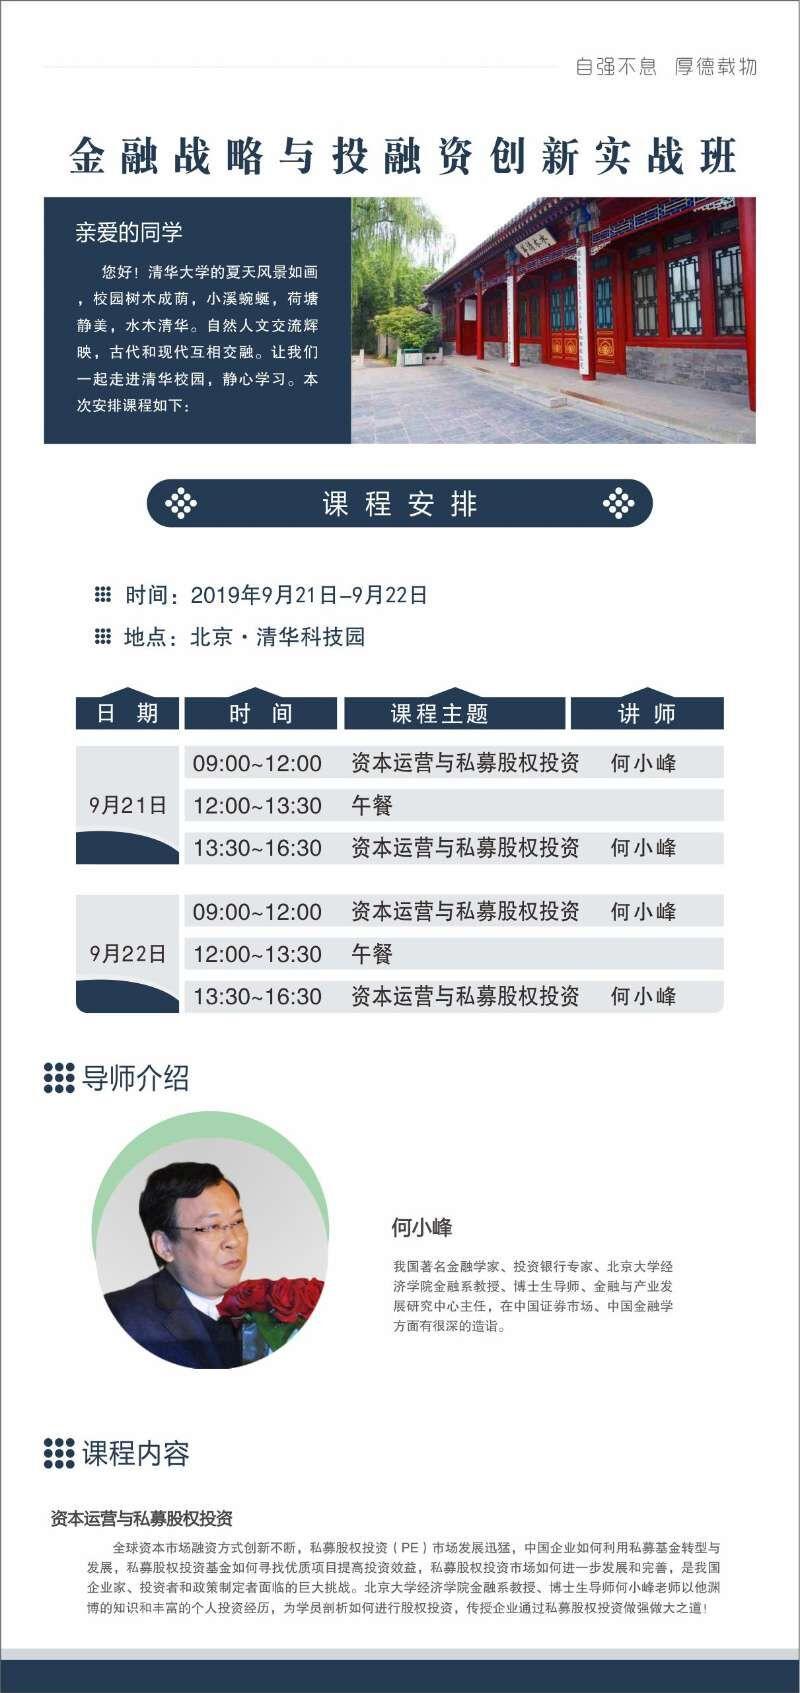 2020年02月29日zhan)���qzhan)略�c投融�Y��新�(zong)裁(cai)班�_�n通知